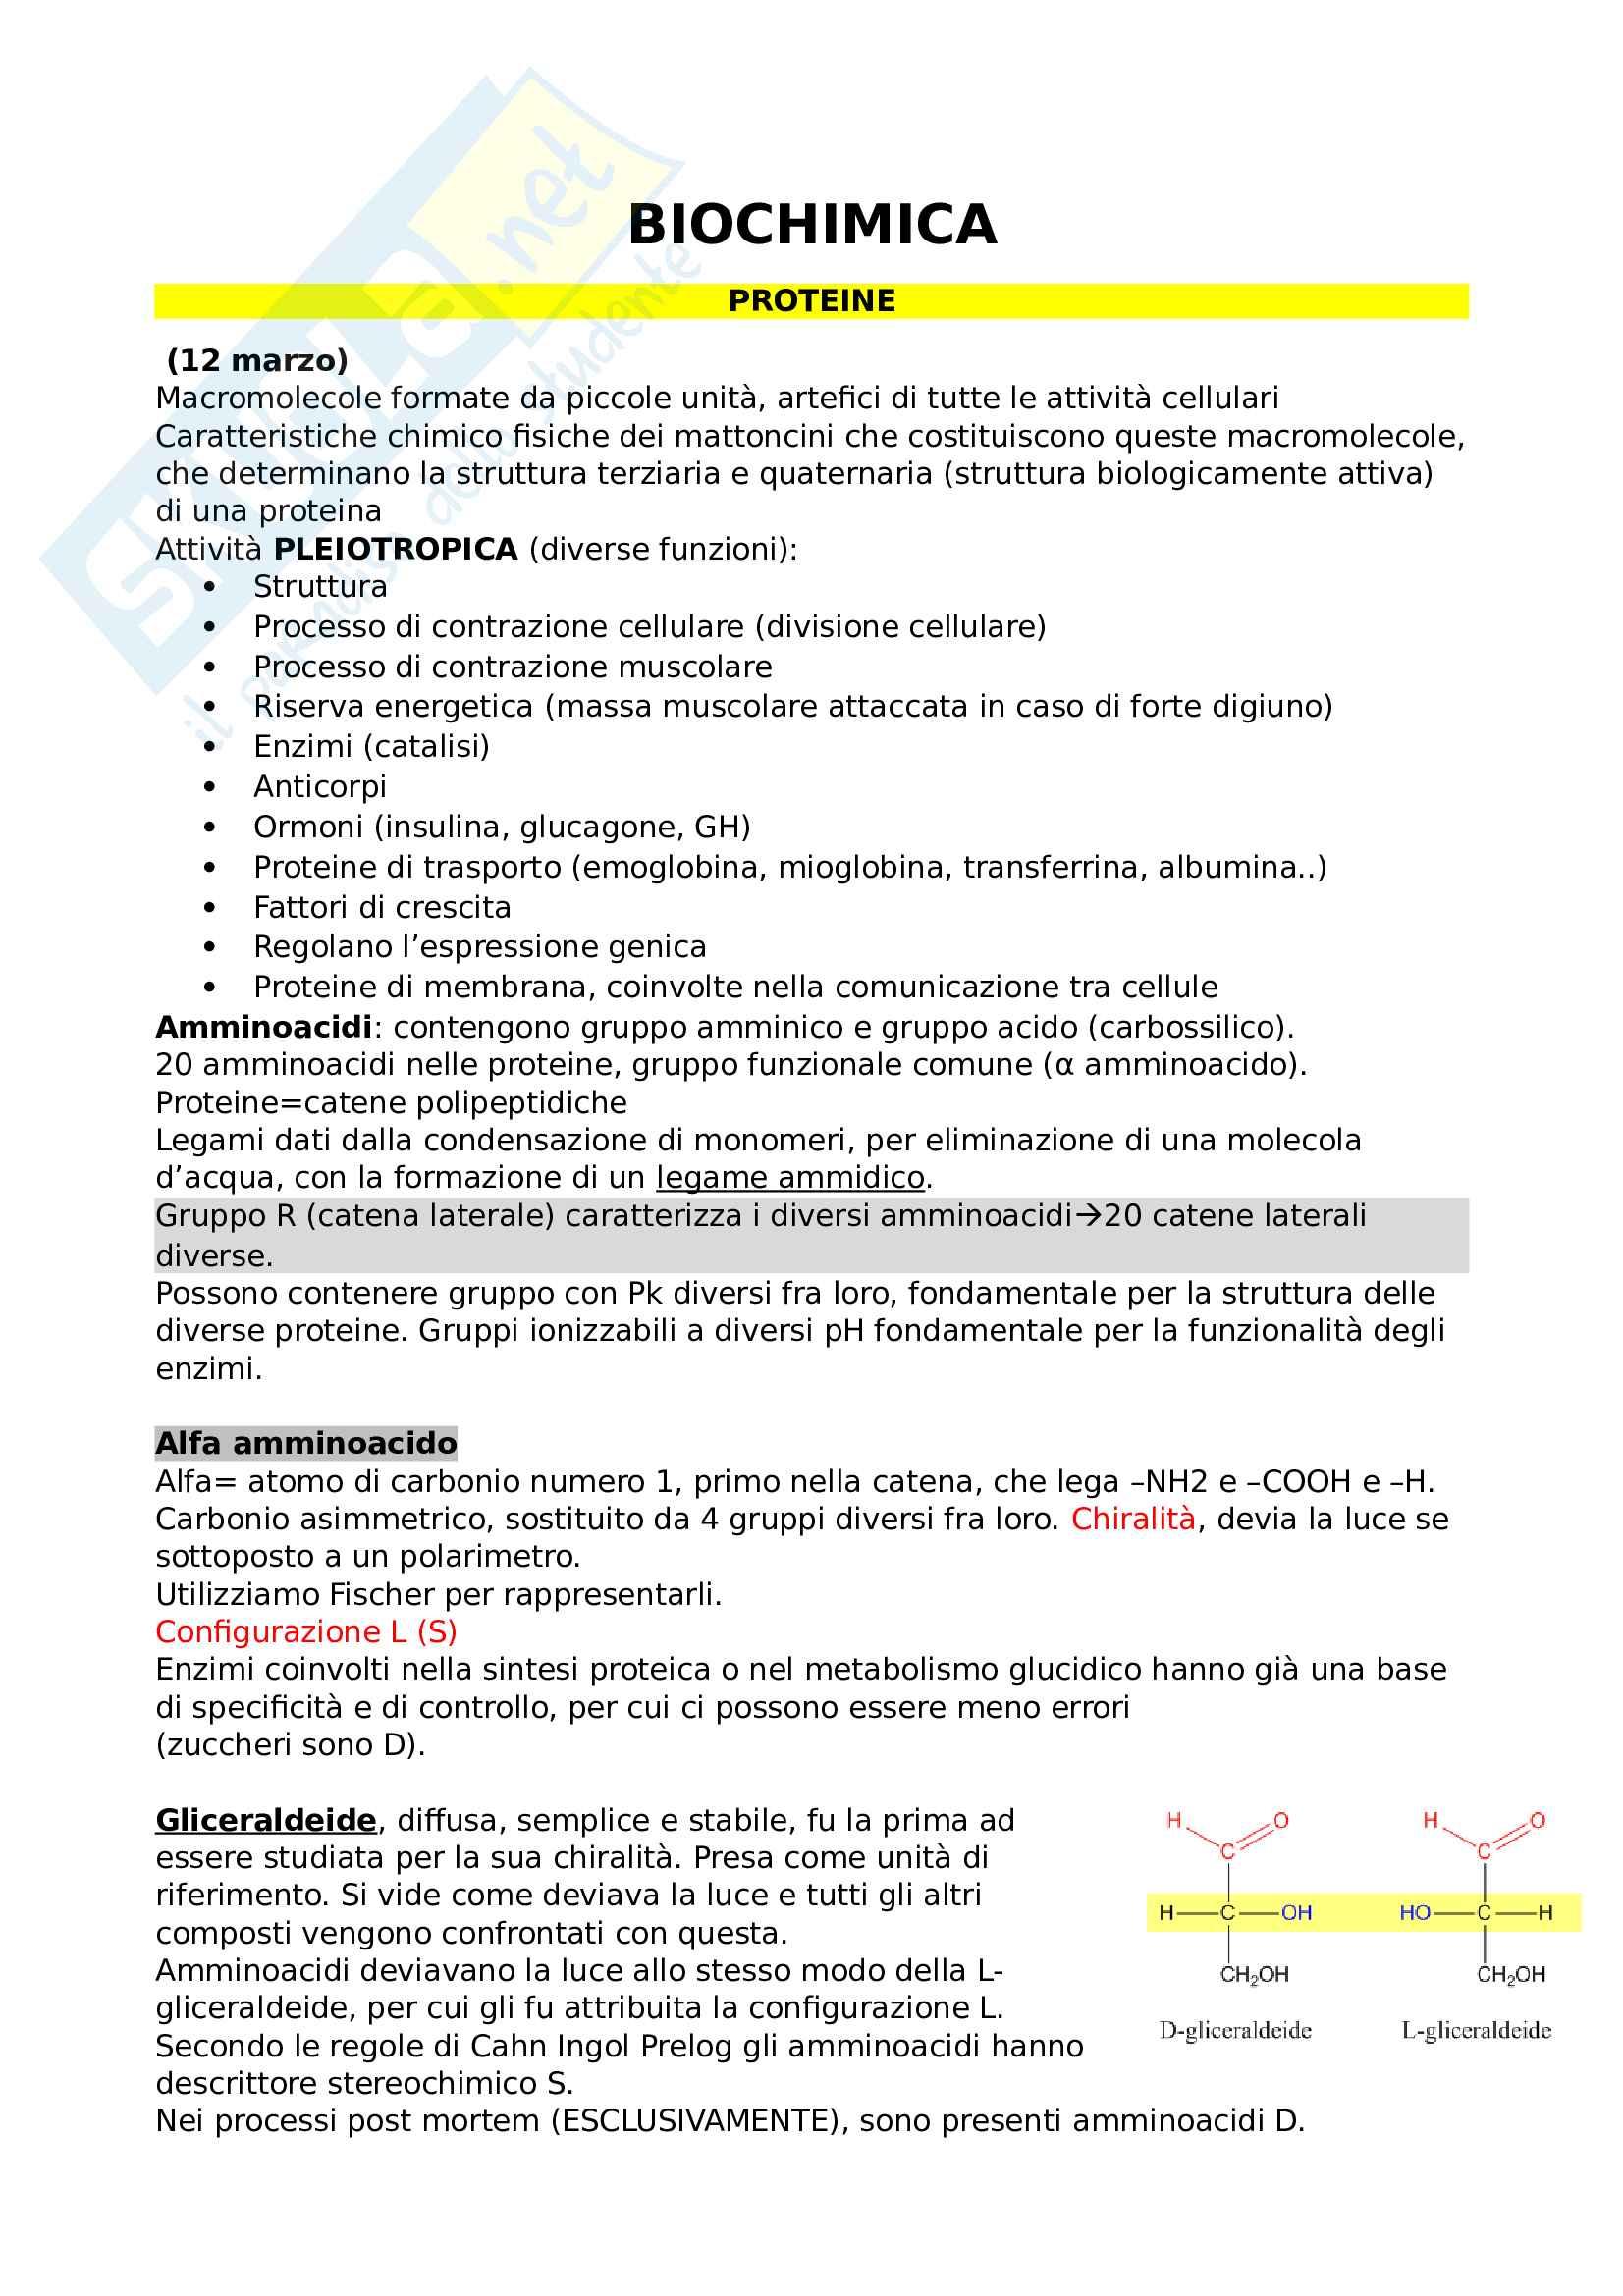 Biochimica appunti